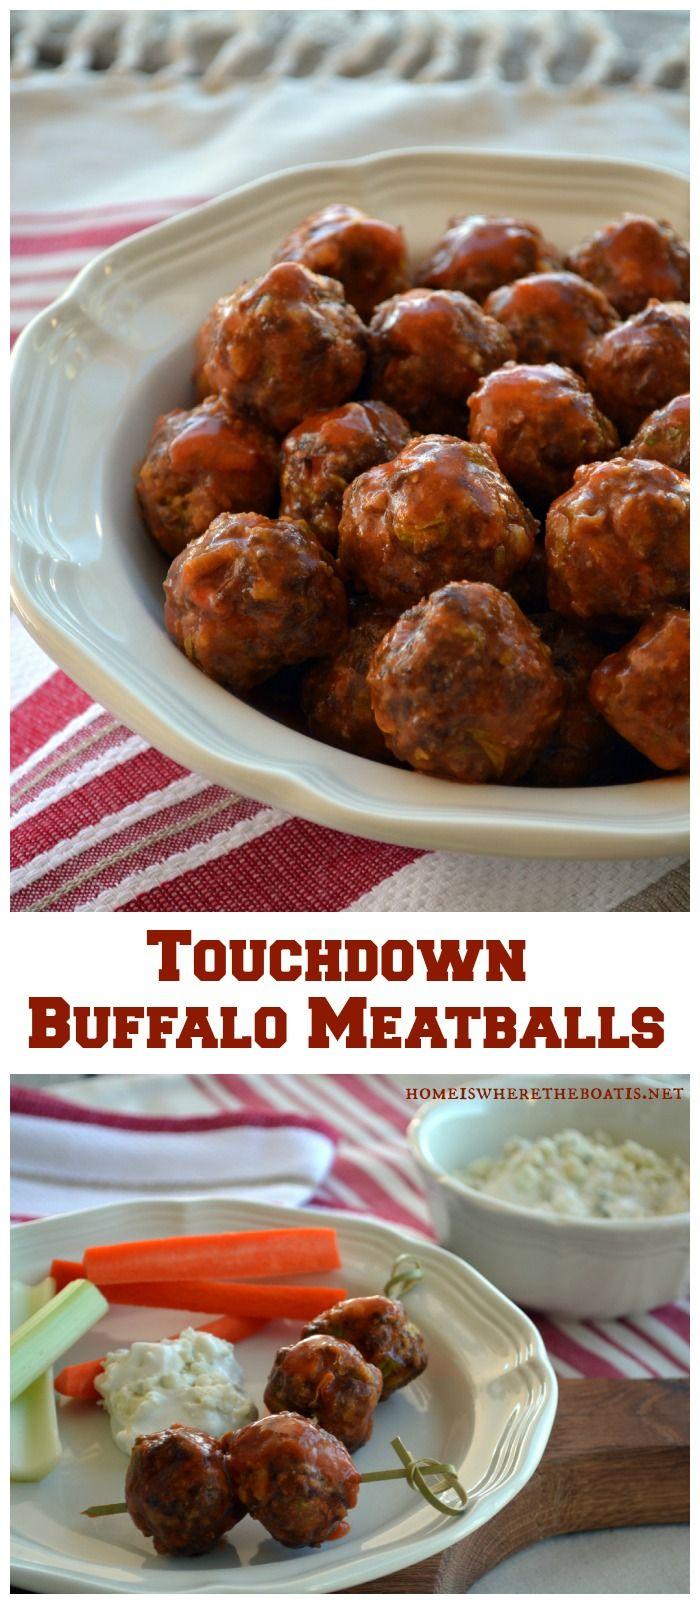 touchdown-buffalo-meatballs